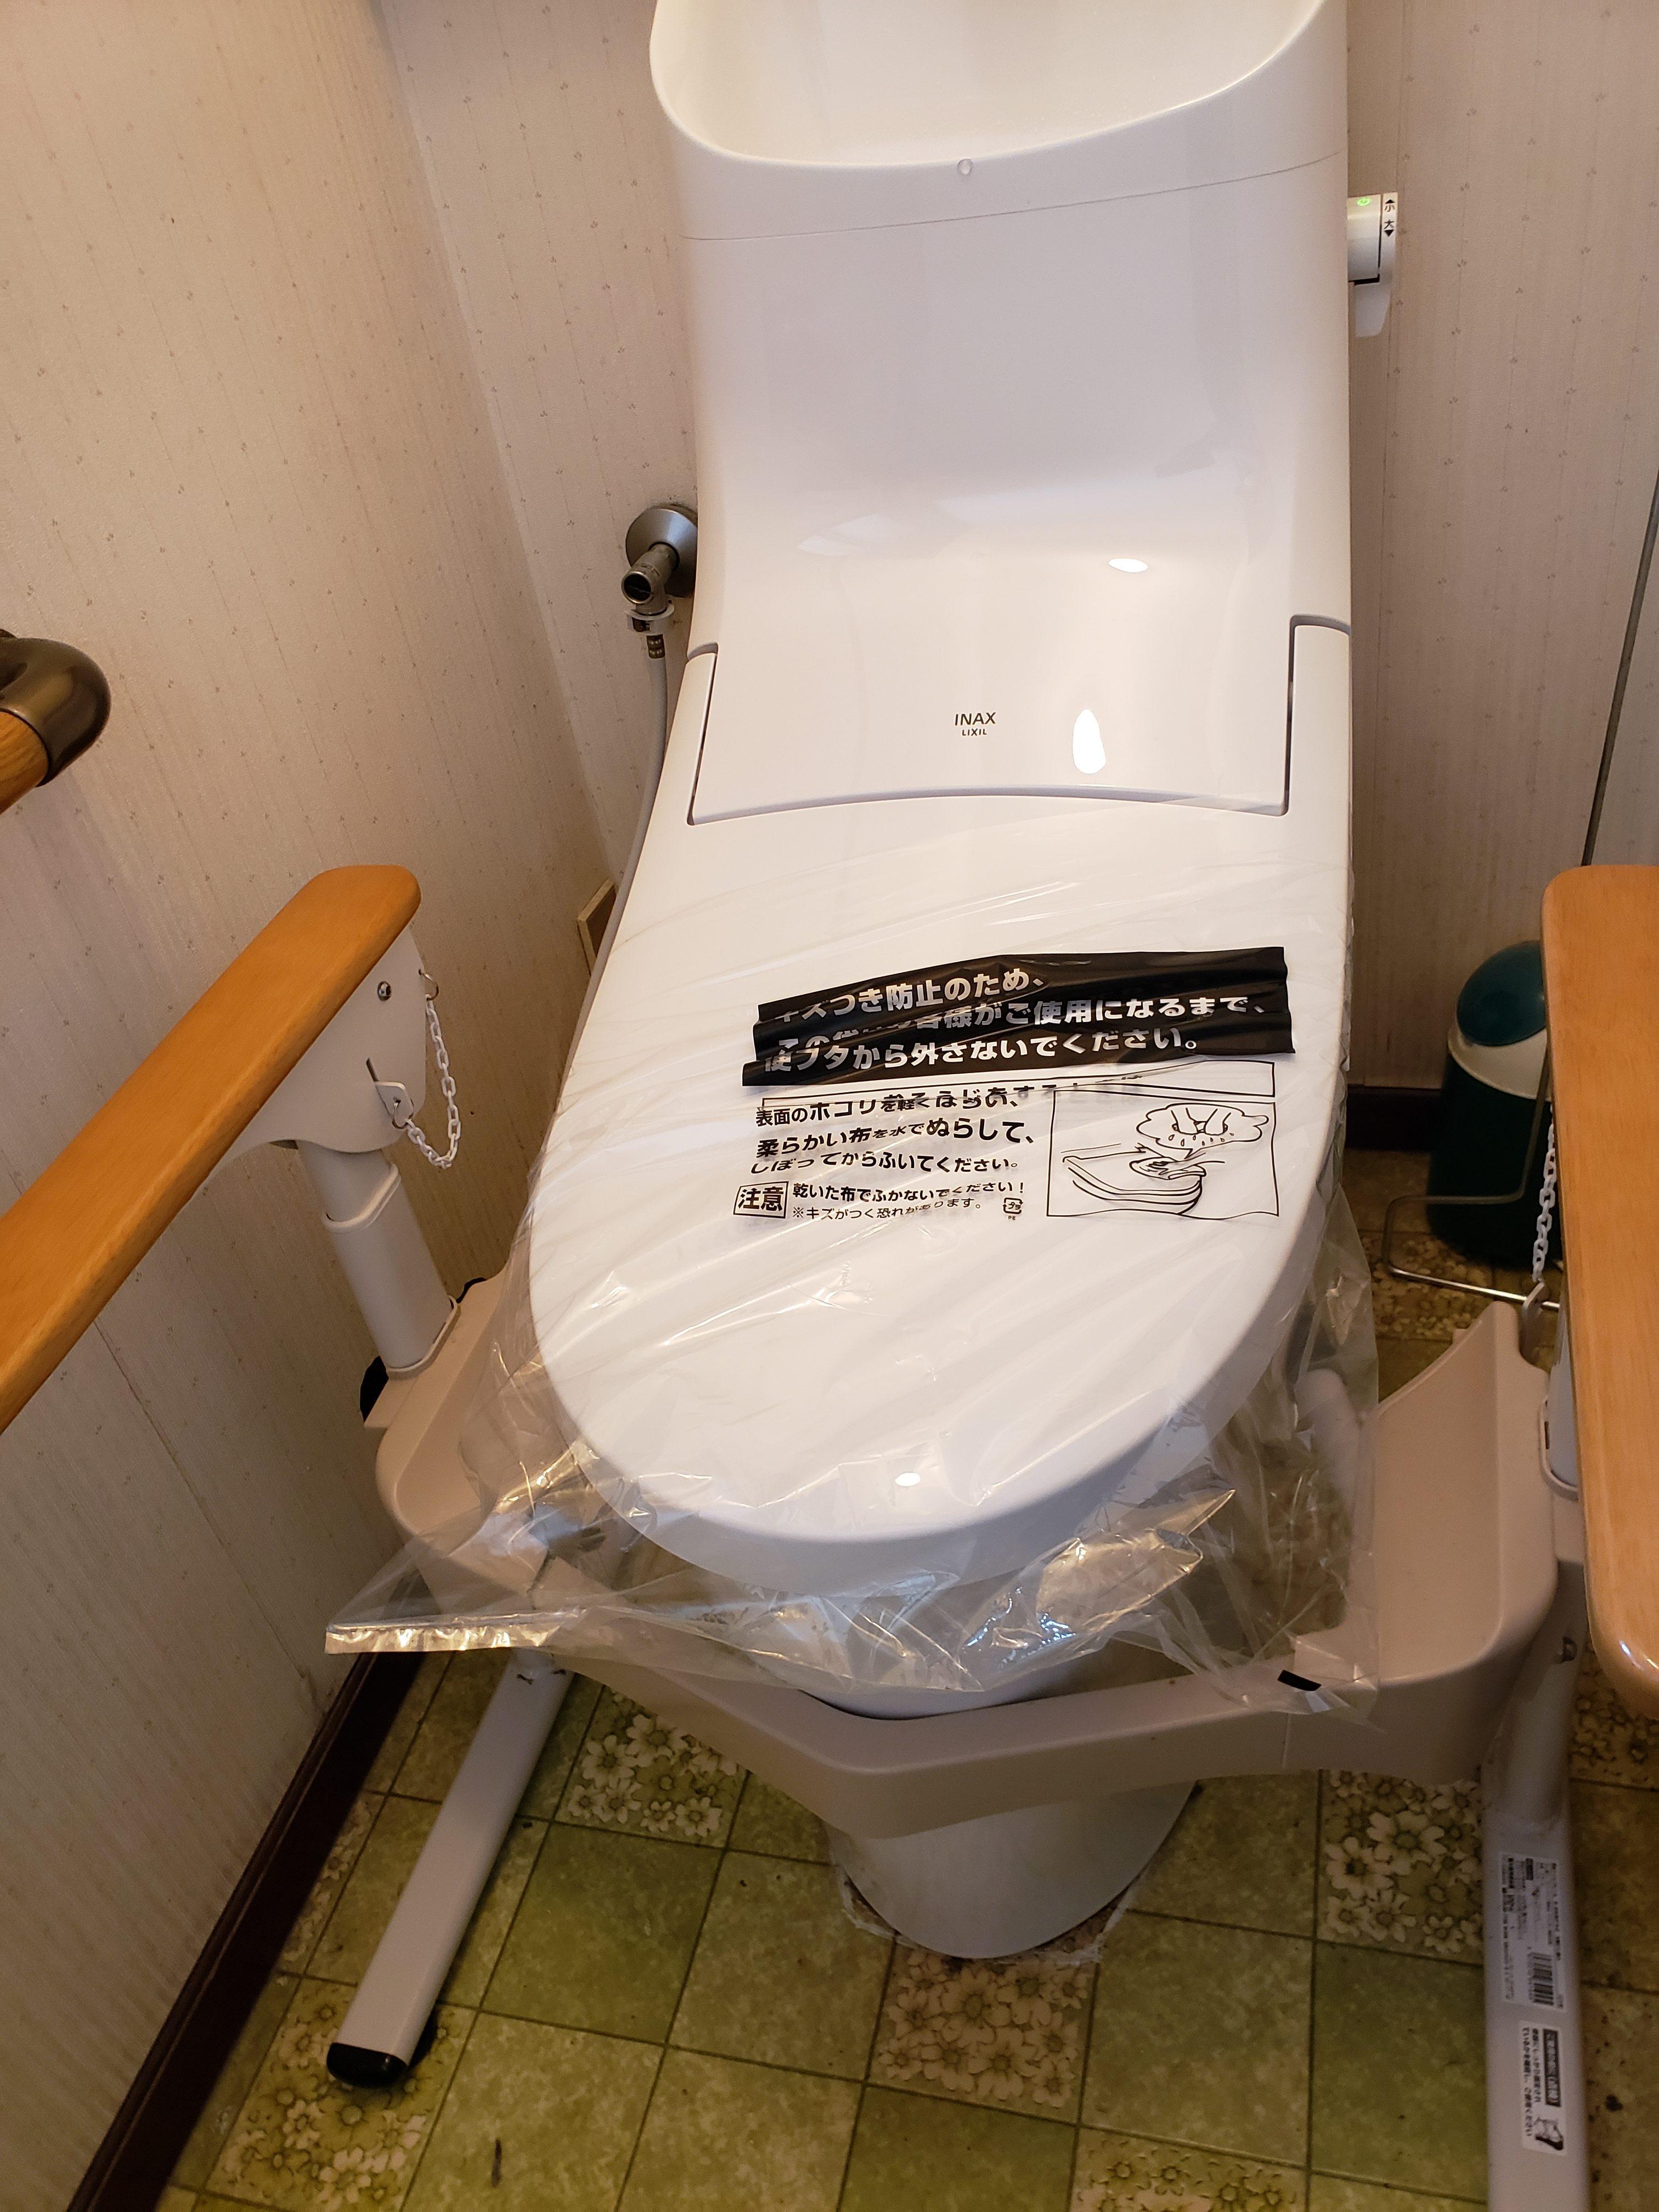 ギャラリーパティオのトイレ バリアフリーリフォームの施工事例写真